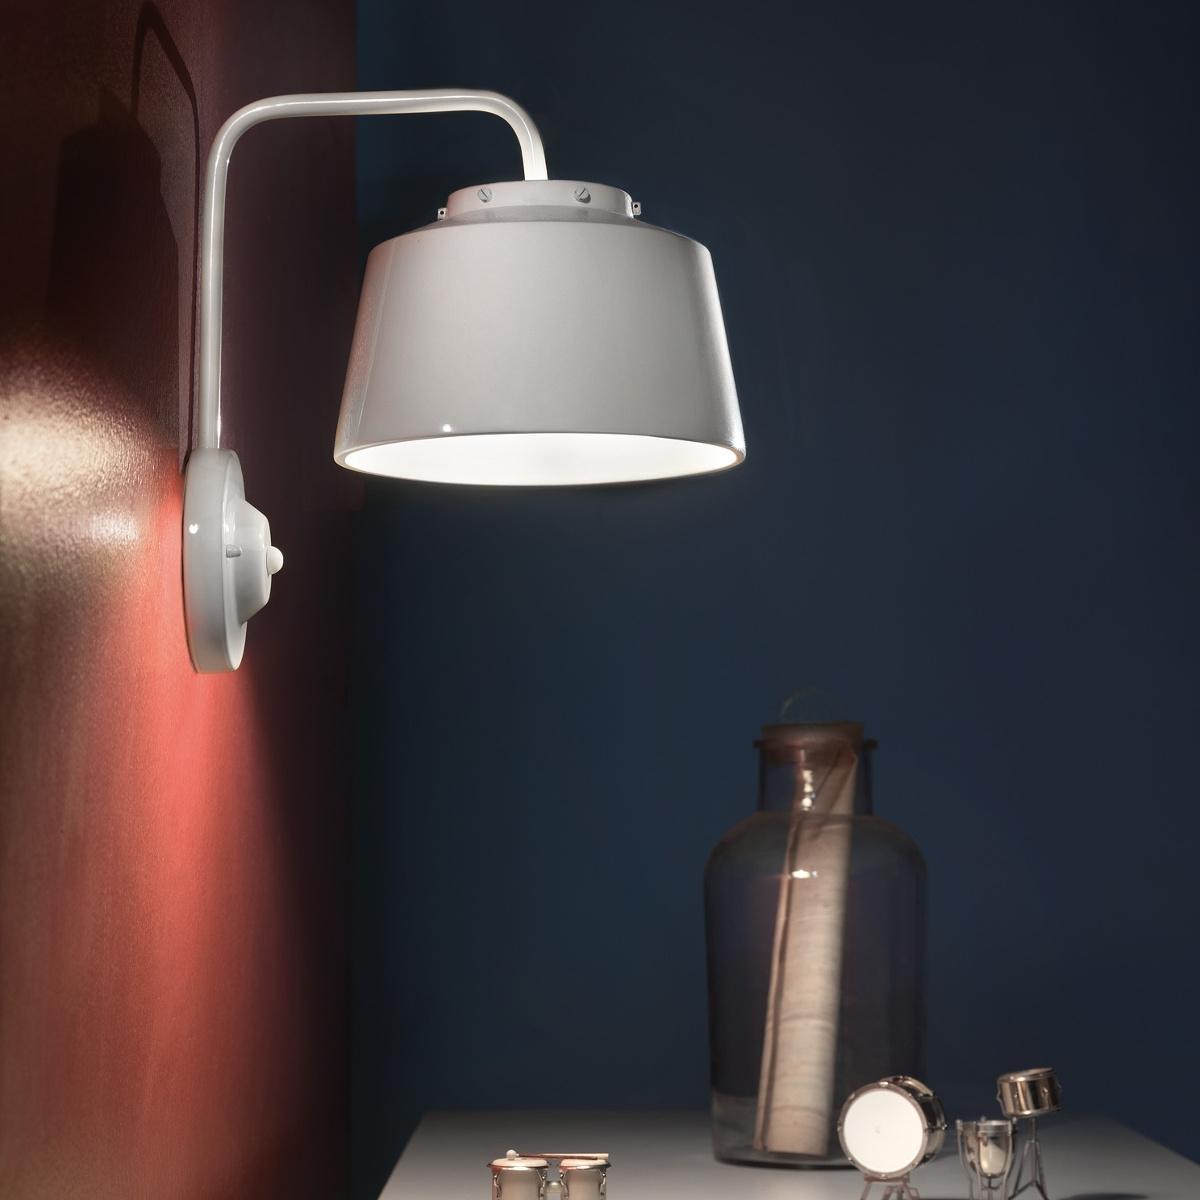 50iger jahre wandlampe for Lampen 50iger jahre